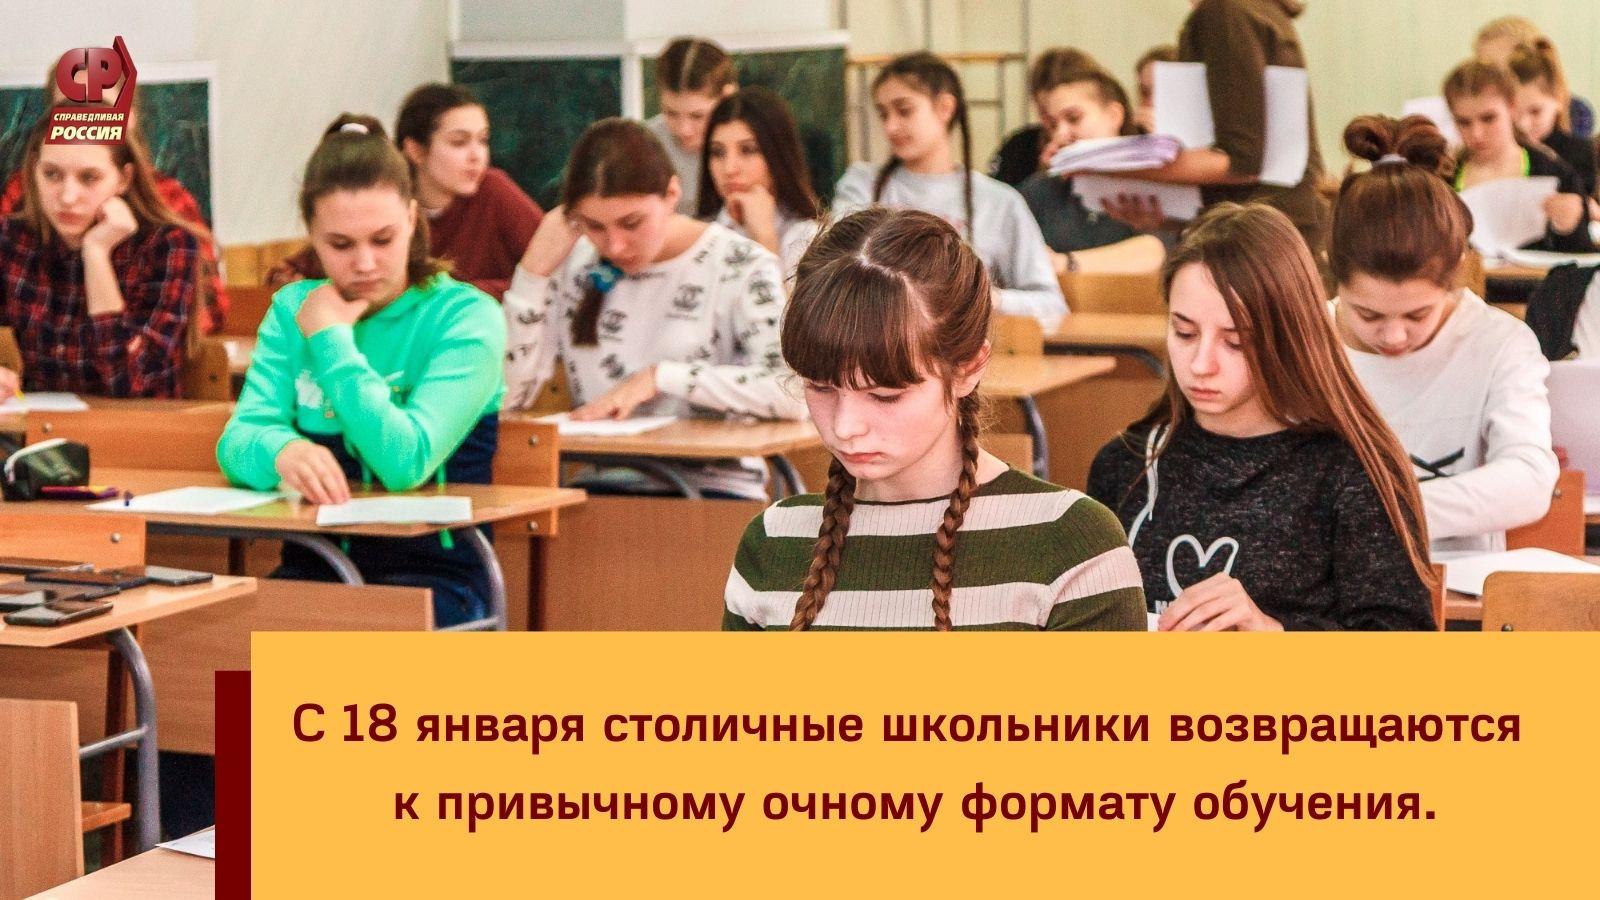 Столичные школьники возвращаются к привычному очному формату обучения.